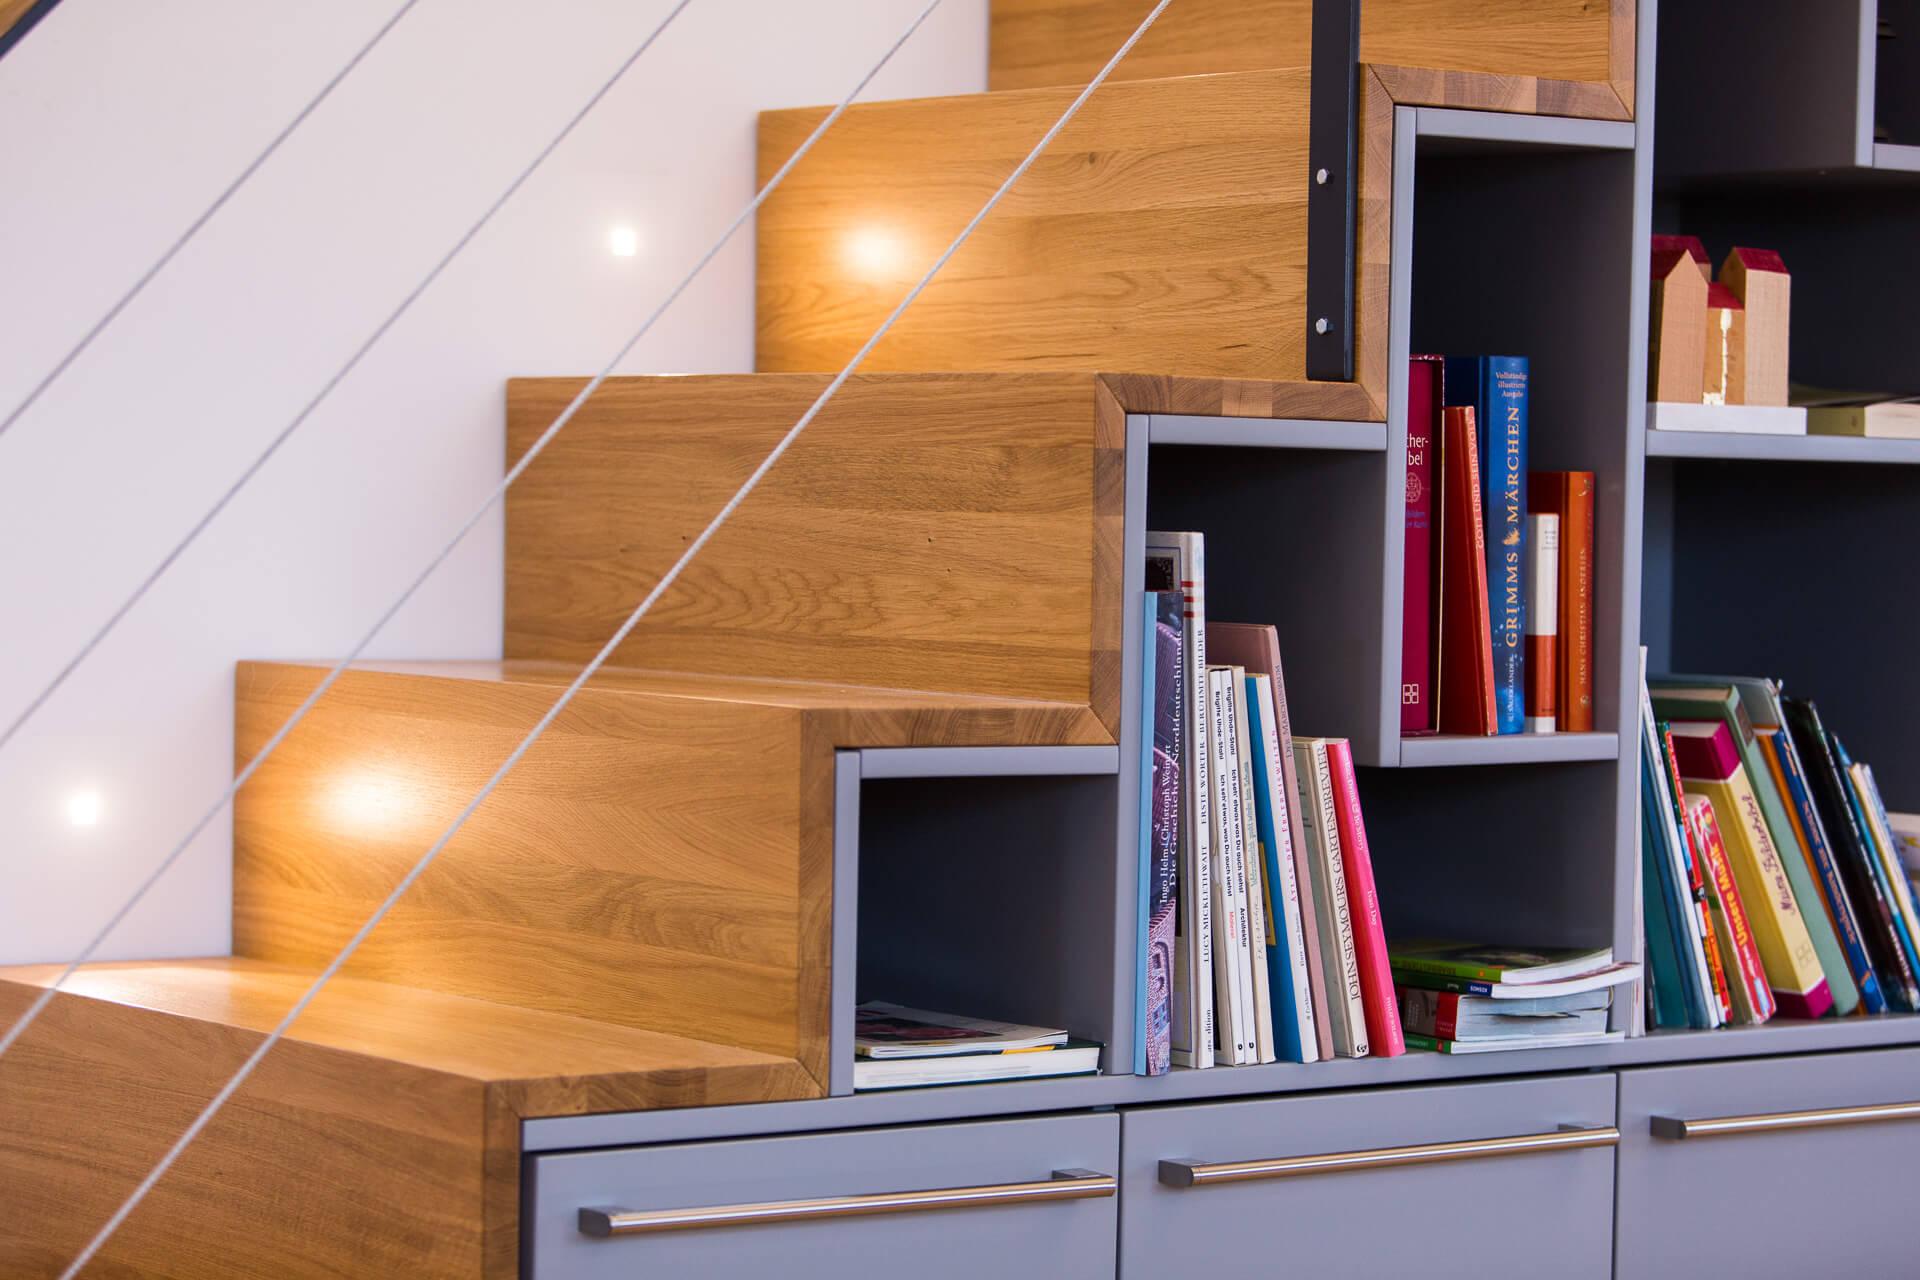 Foto Ryan Baugestaltung Fachwerkhaus Goettingen moderne und offene Holztreppe mit Regalelementen